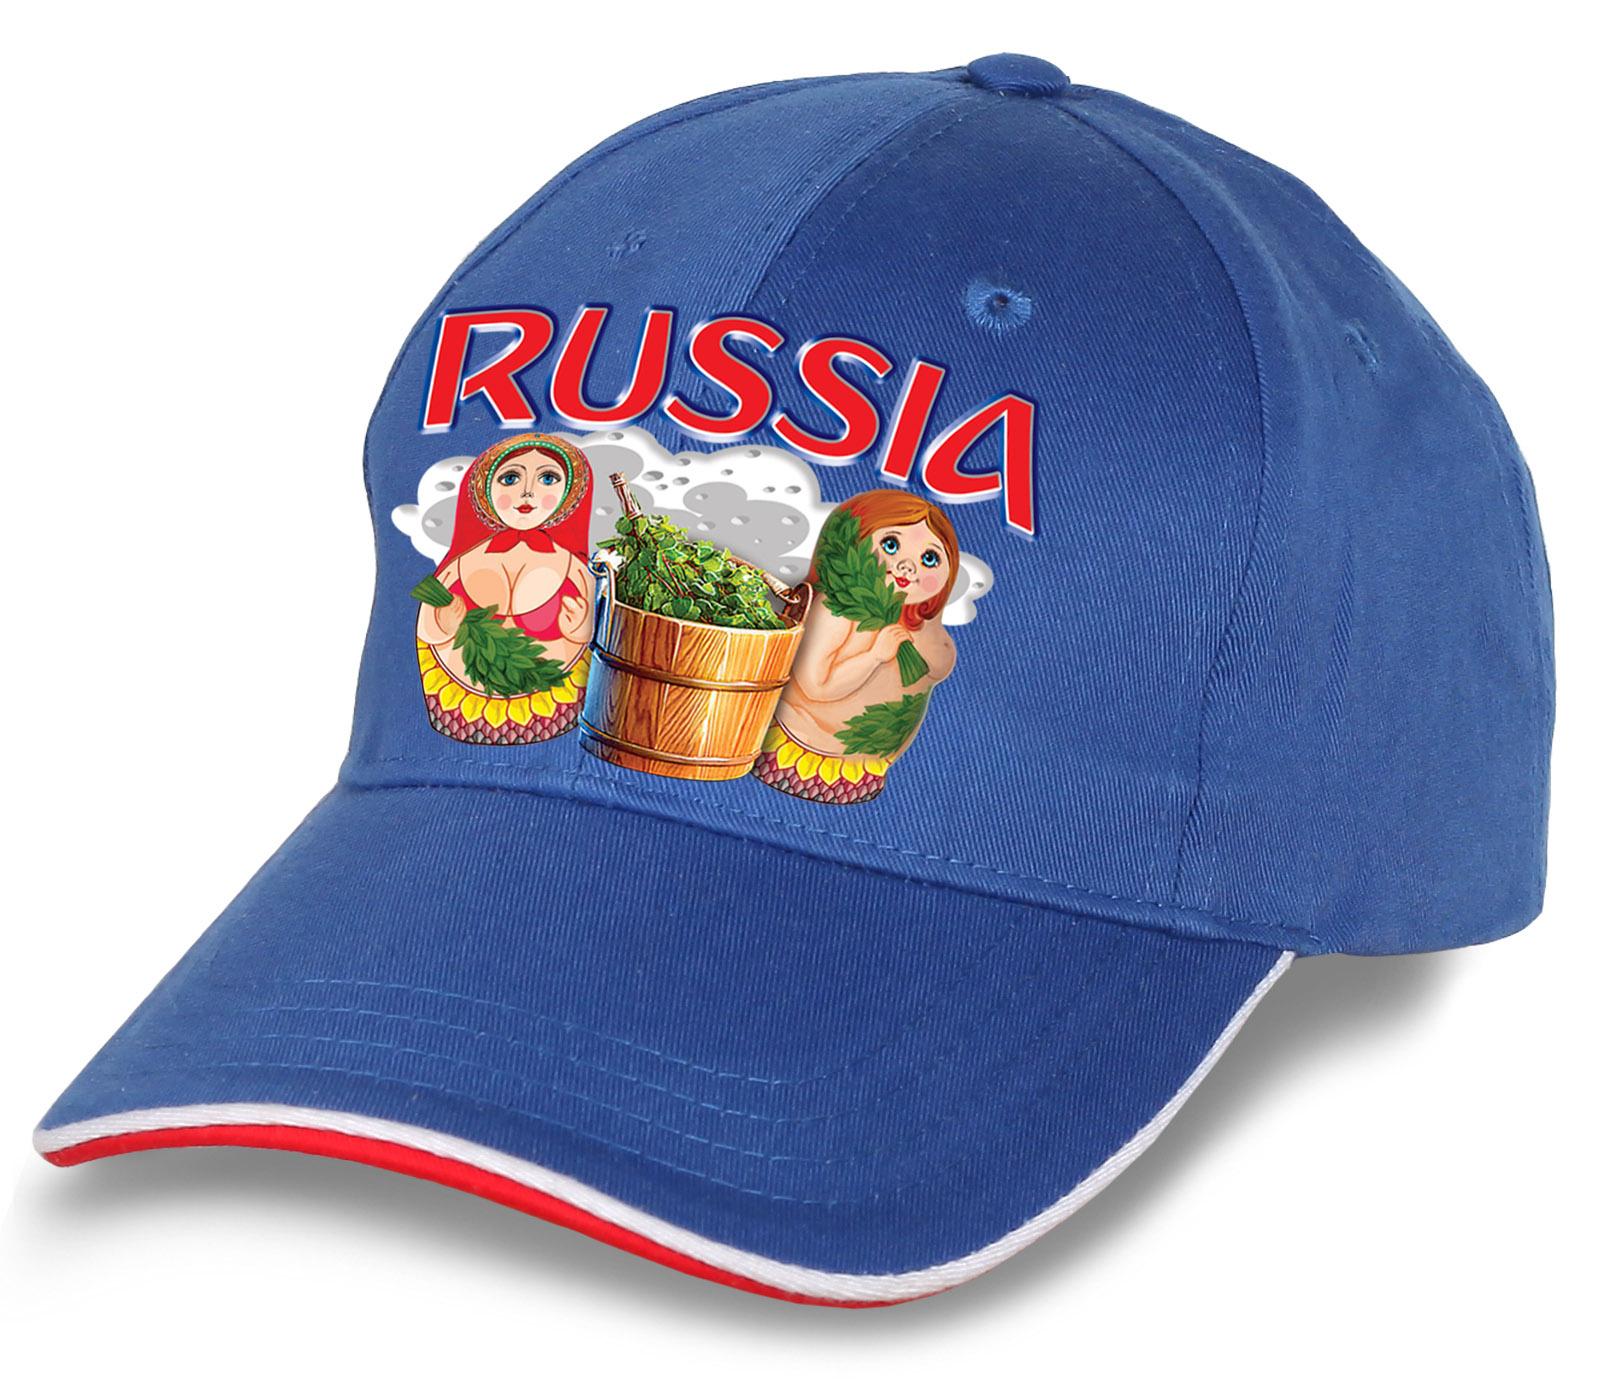 """Эксклюзивная кепка """"Russia матрешки"""" в оригинальном дизайне. Стильная модель безупречного качества. Незаменима для болельщиков и патриотов. Заказывай и носи с радостью!"""